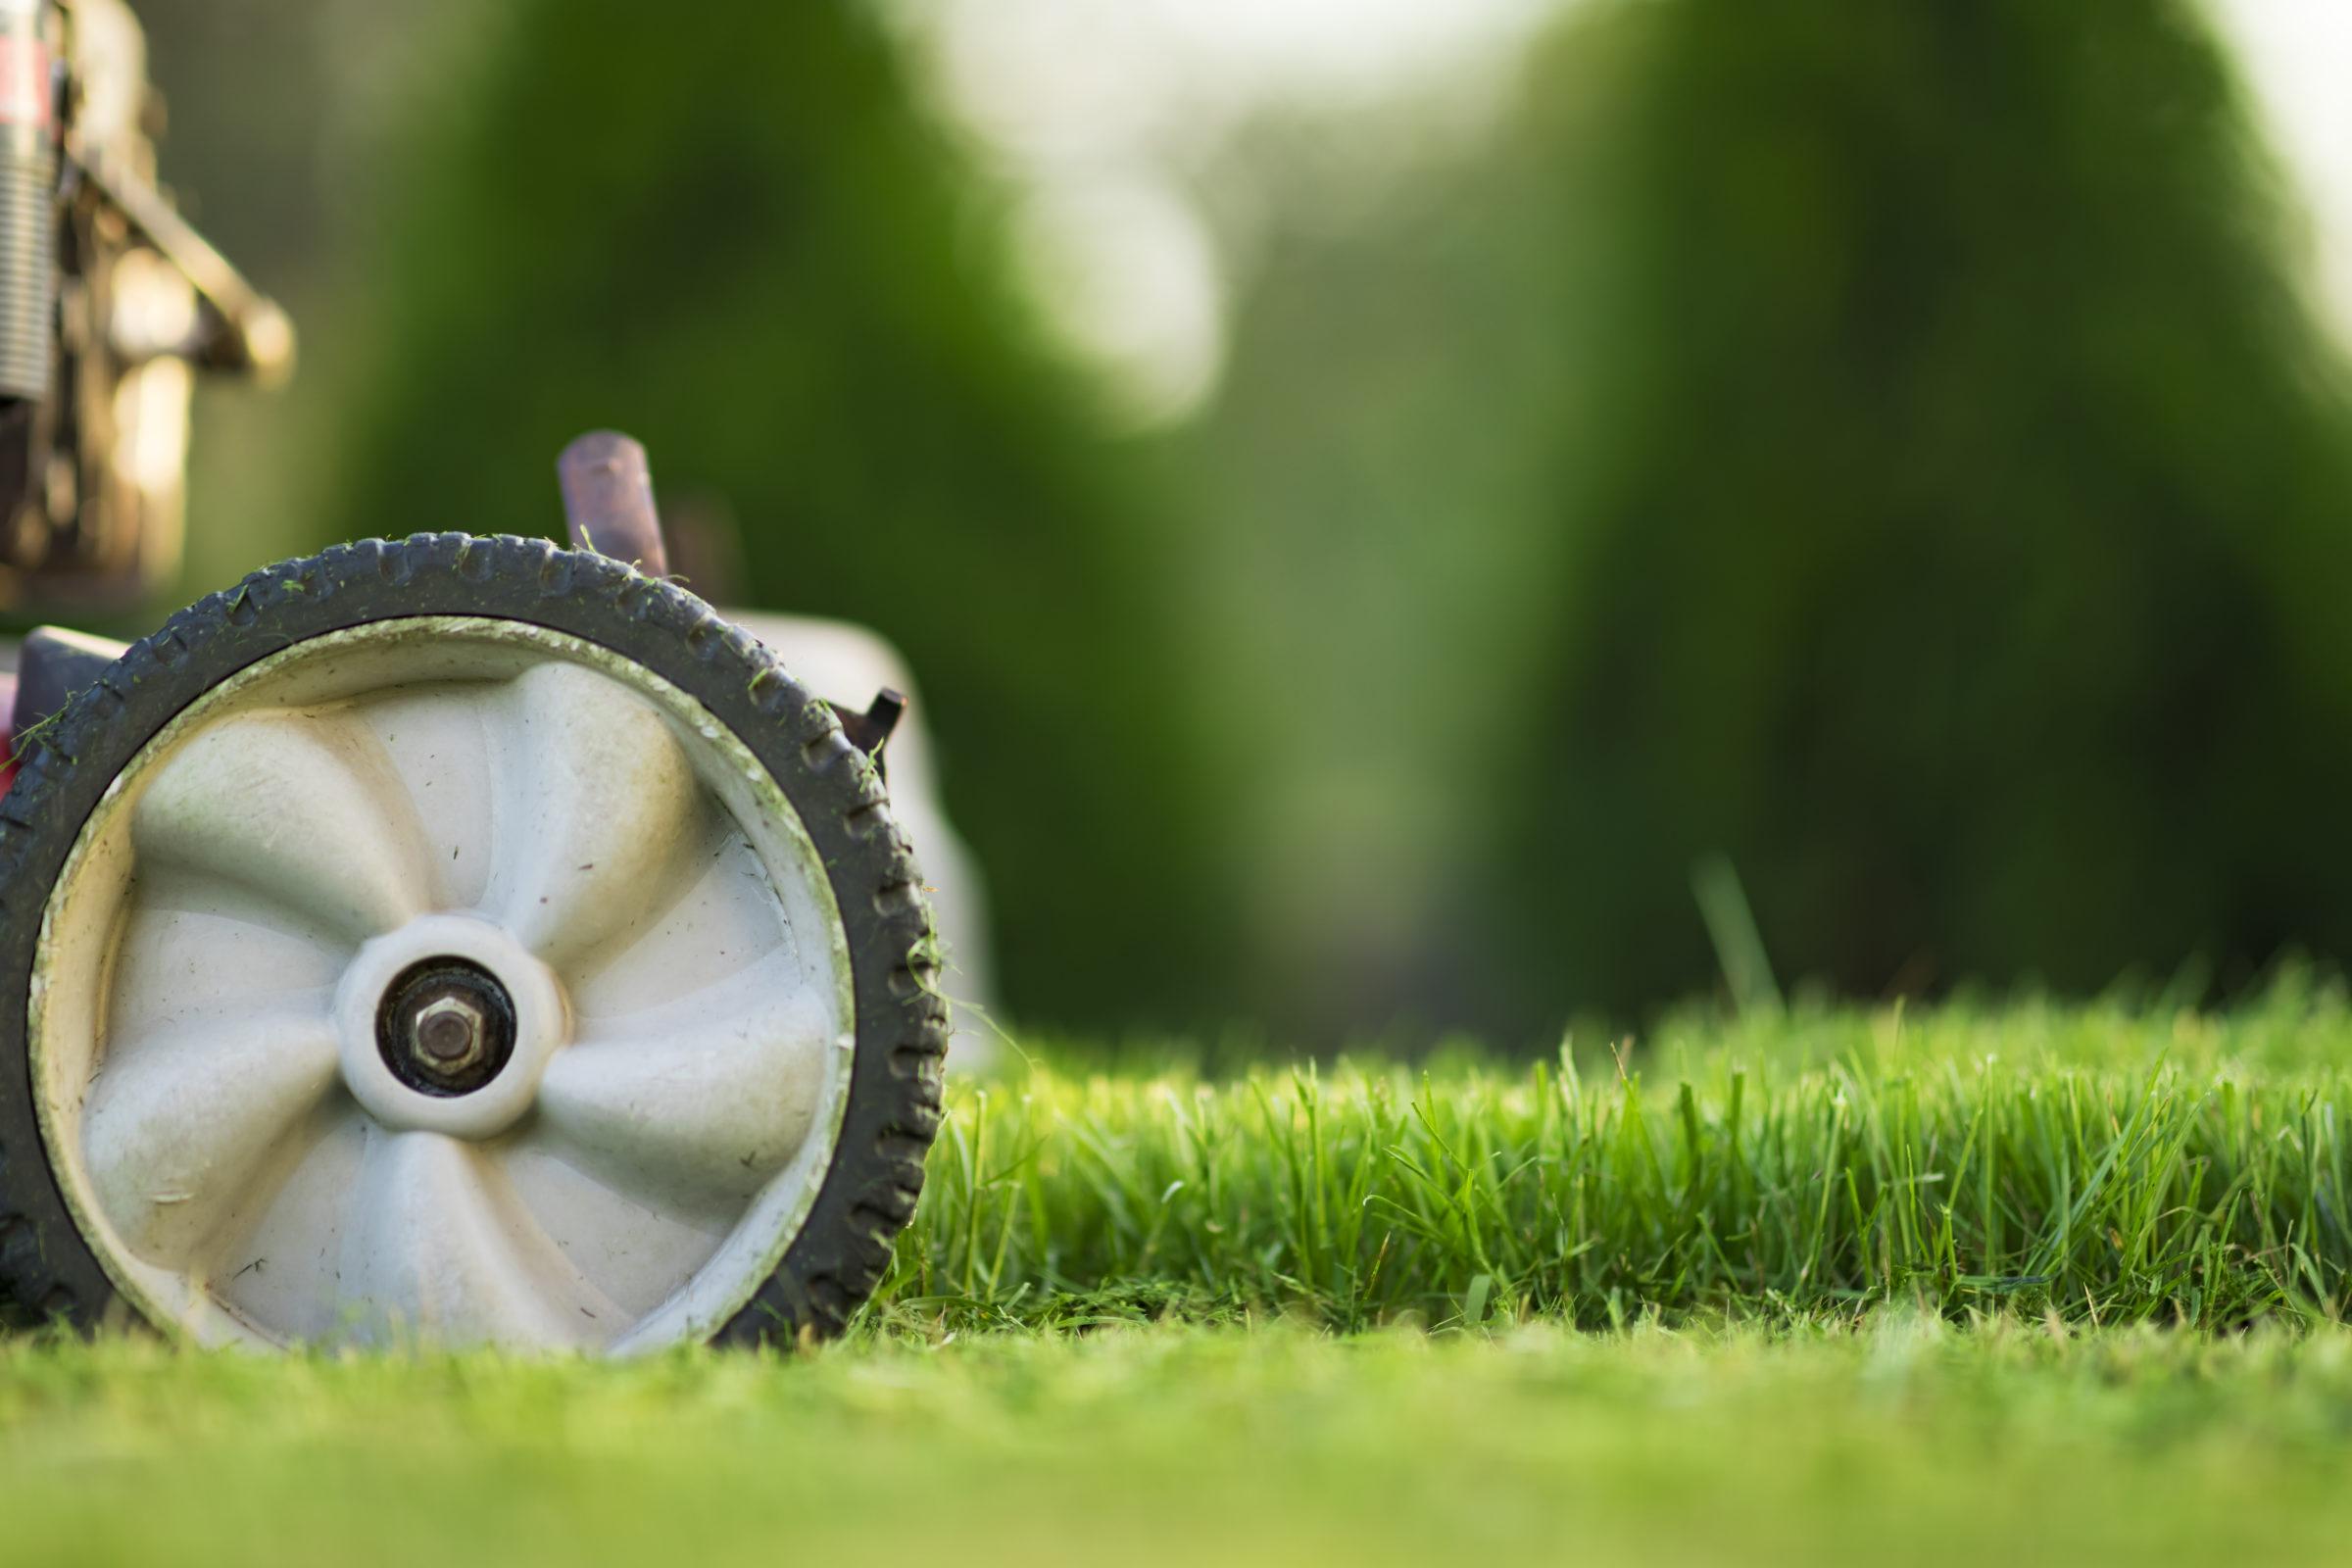 lawn mower FP4N9TS